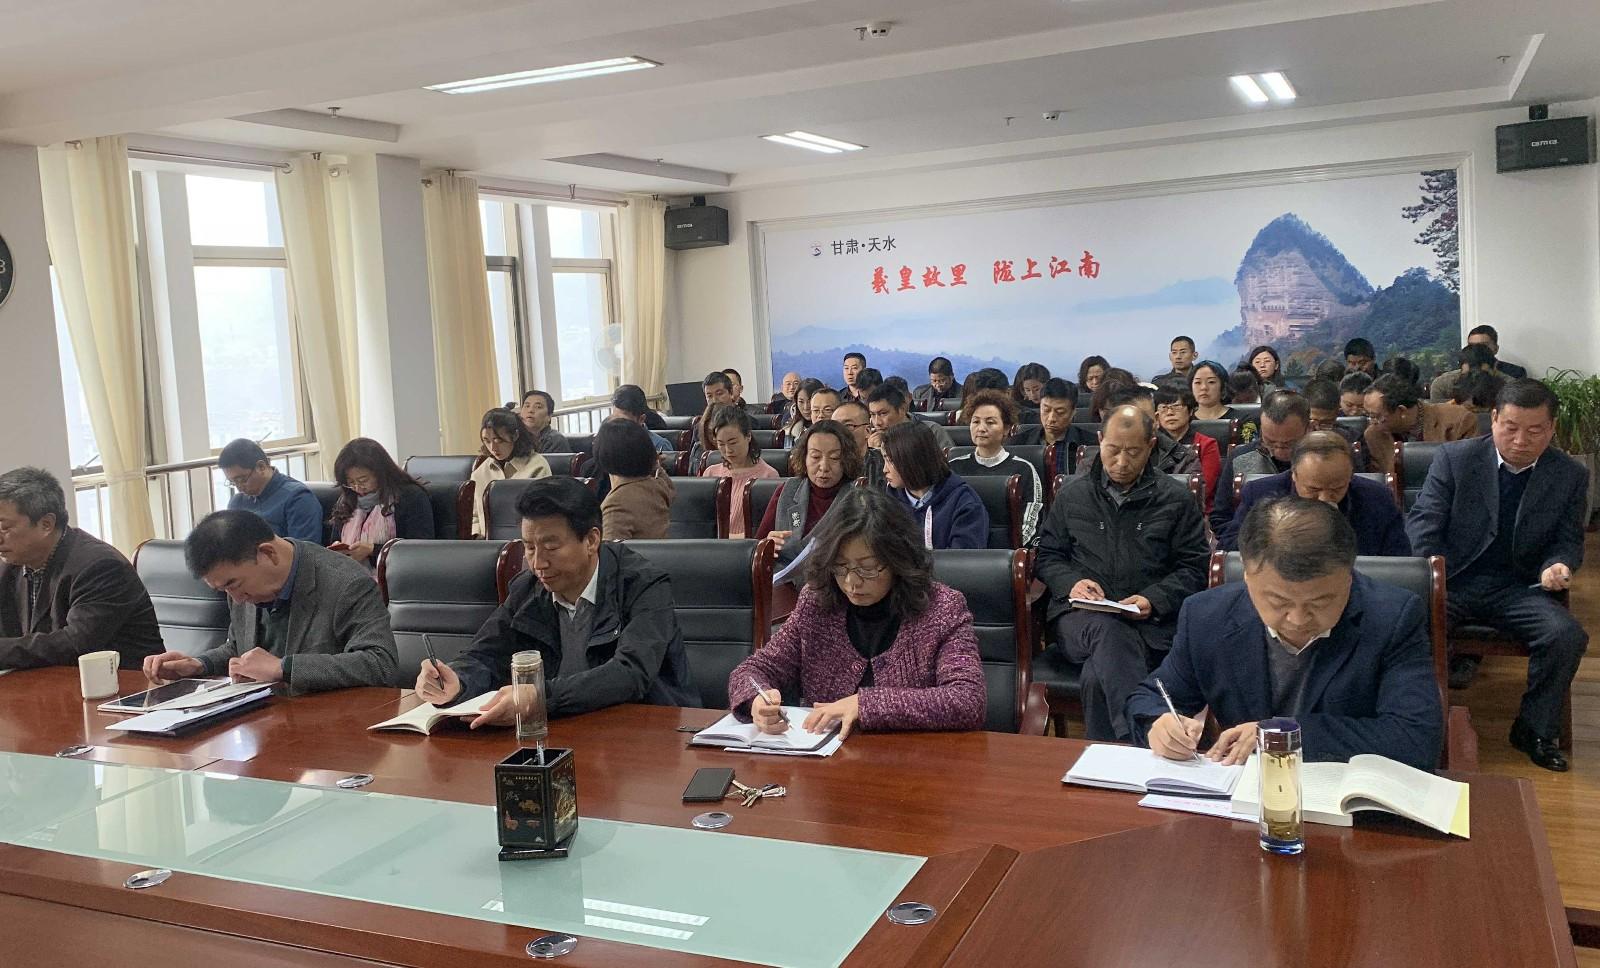 天水市文化和旅游局传达学习贯彻习近平总书记参加甘肃代表团审议时的重要讲话精神